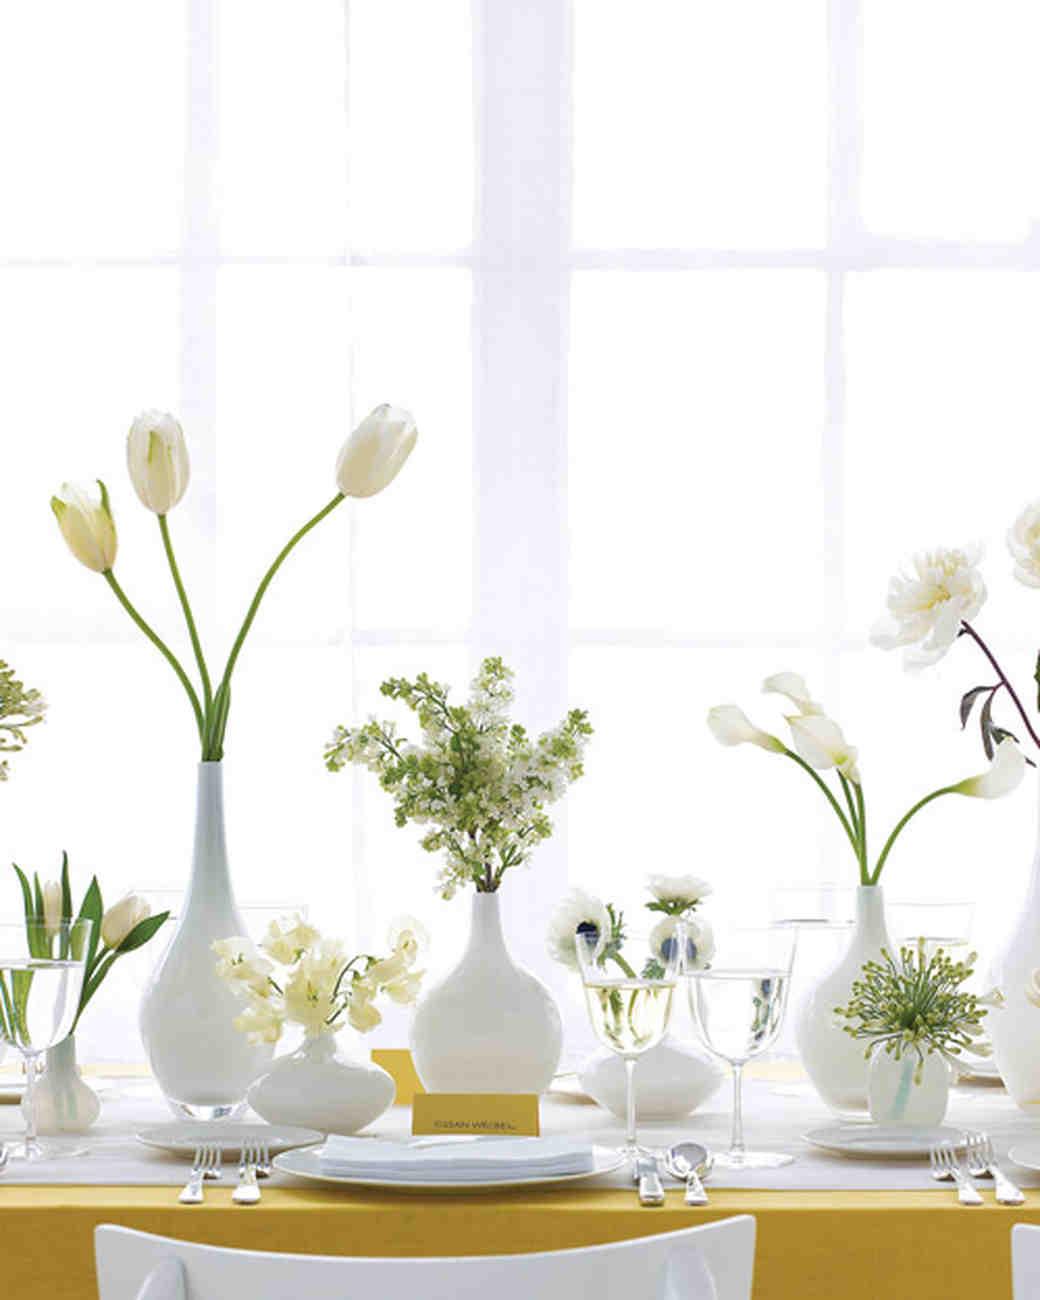 flowers bud vasesWhite Cabana   White Cabana